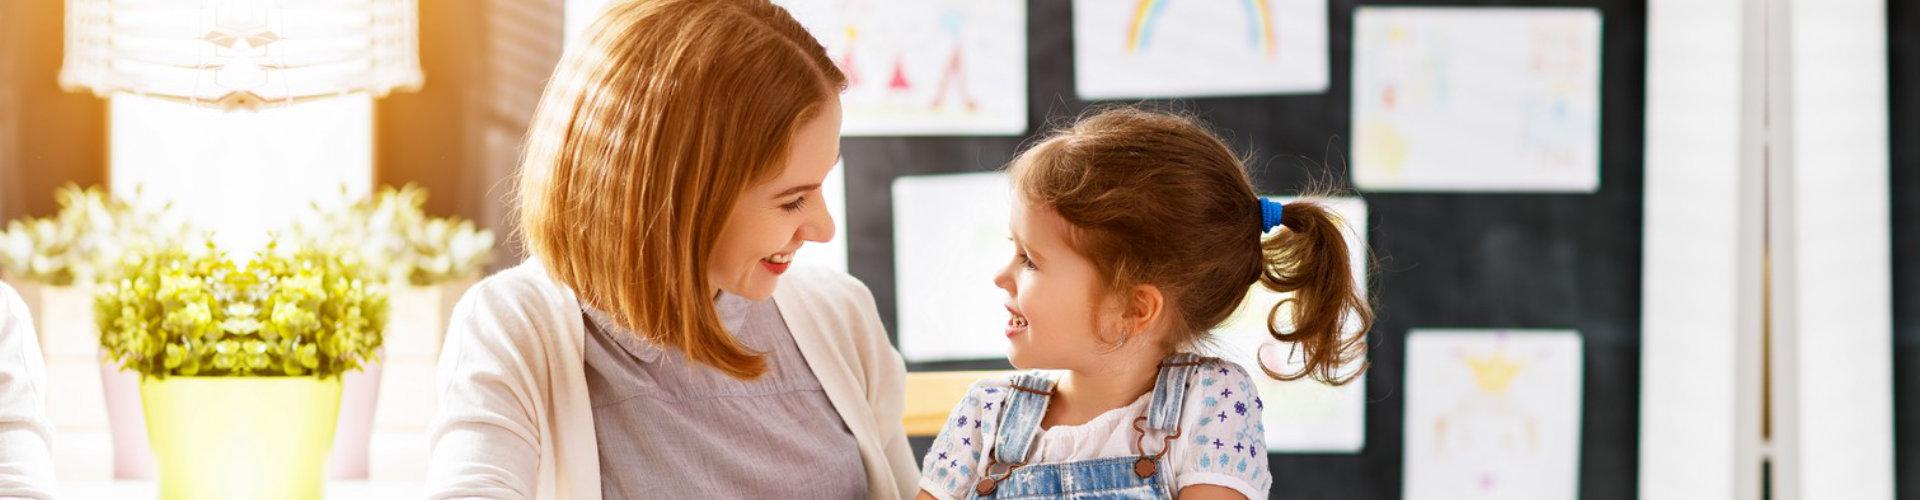 teacher and little girl student